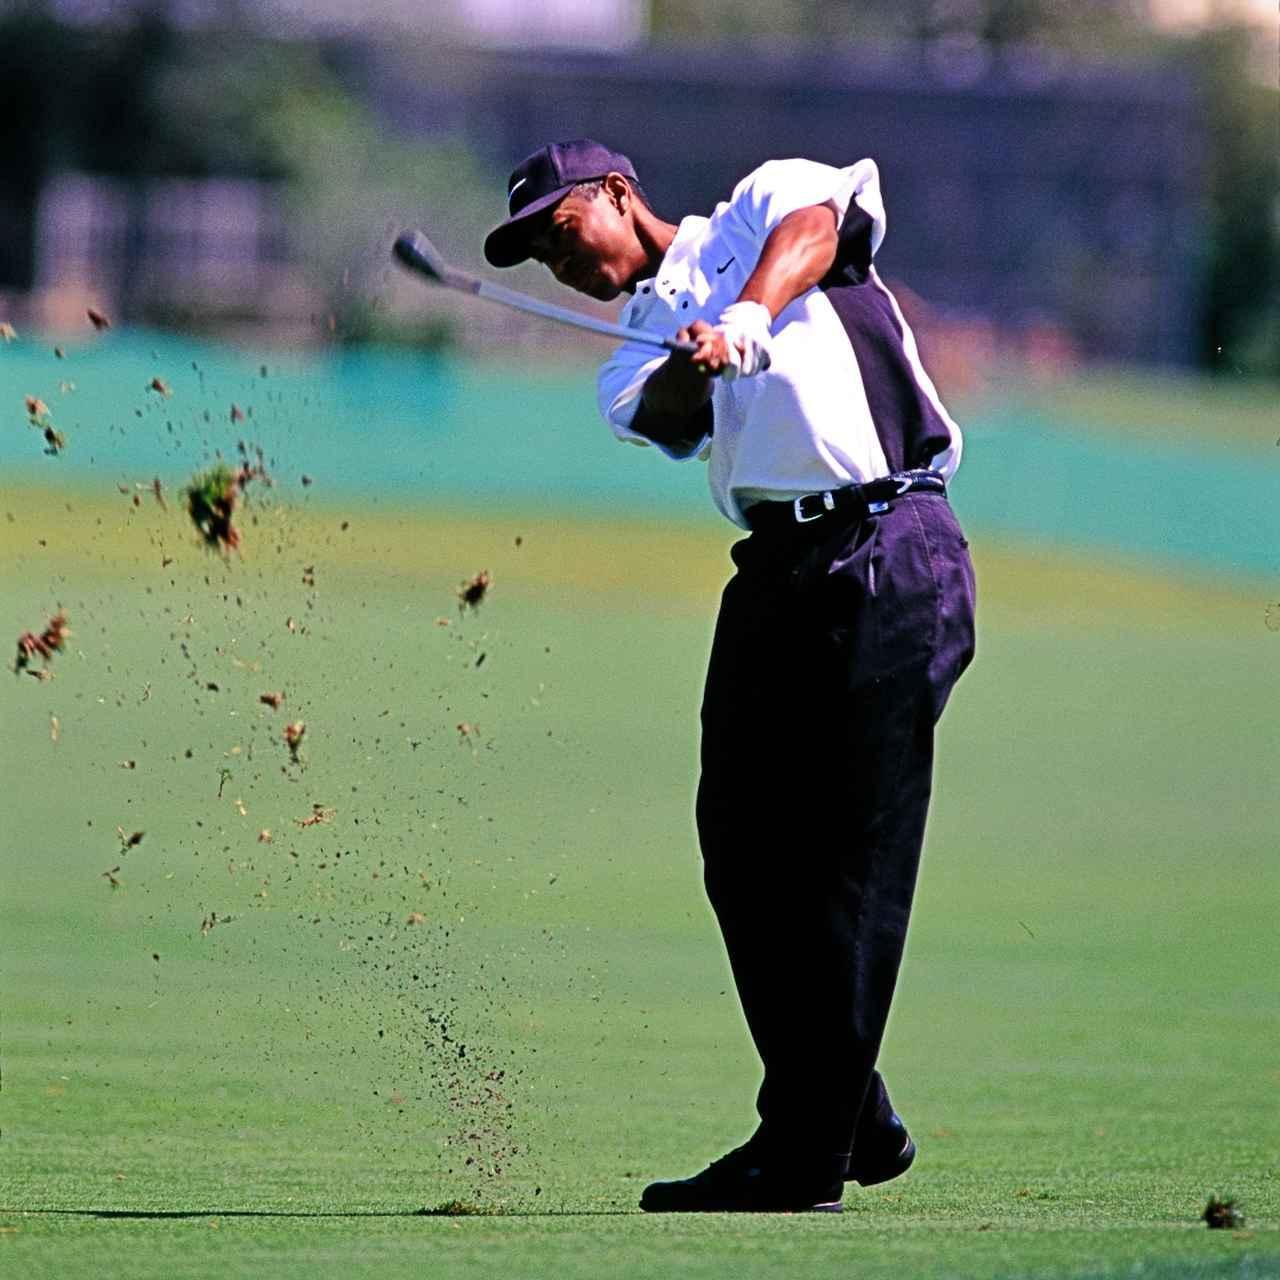 画像: 狭めのスタンスで球を右に置き、フィニッシュを抑えて低い球を打つ。「スティンガー(地対空ミサイル)」と呼ばれるショットはタイガーの得意技